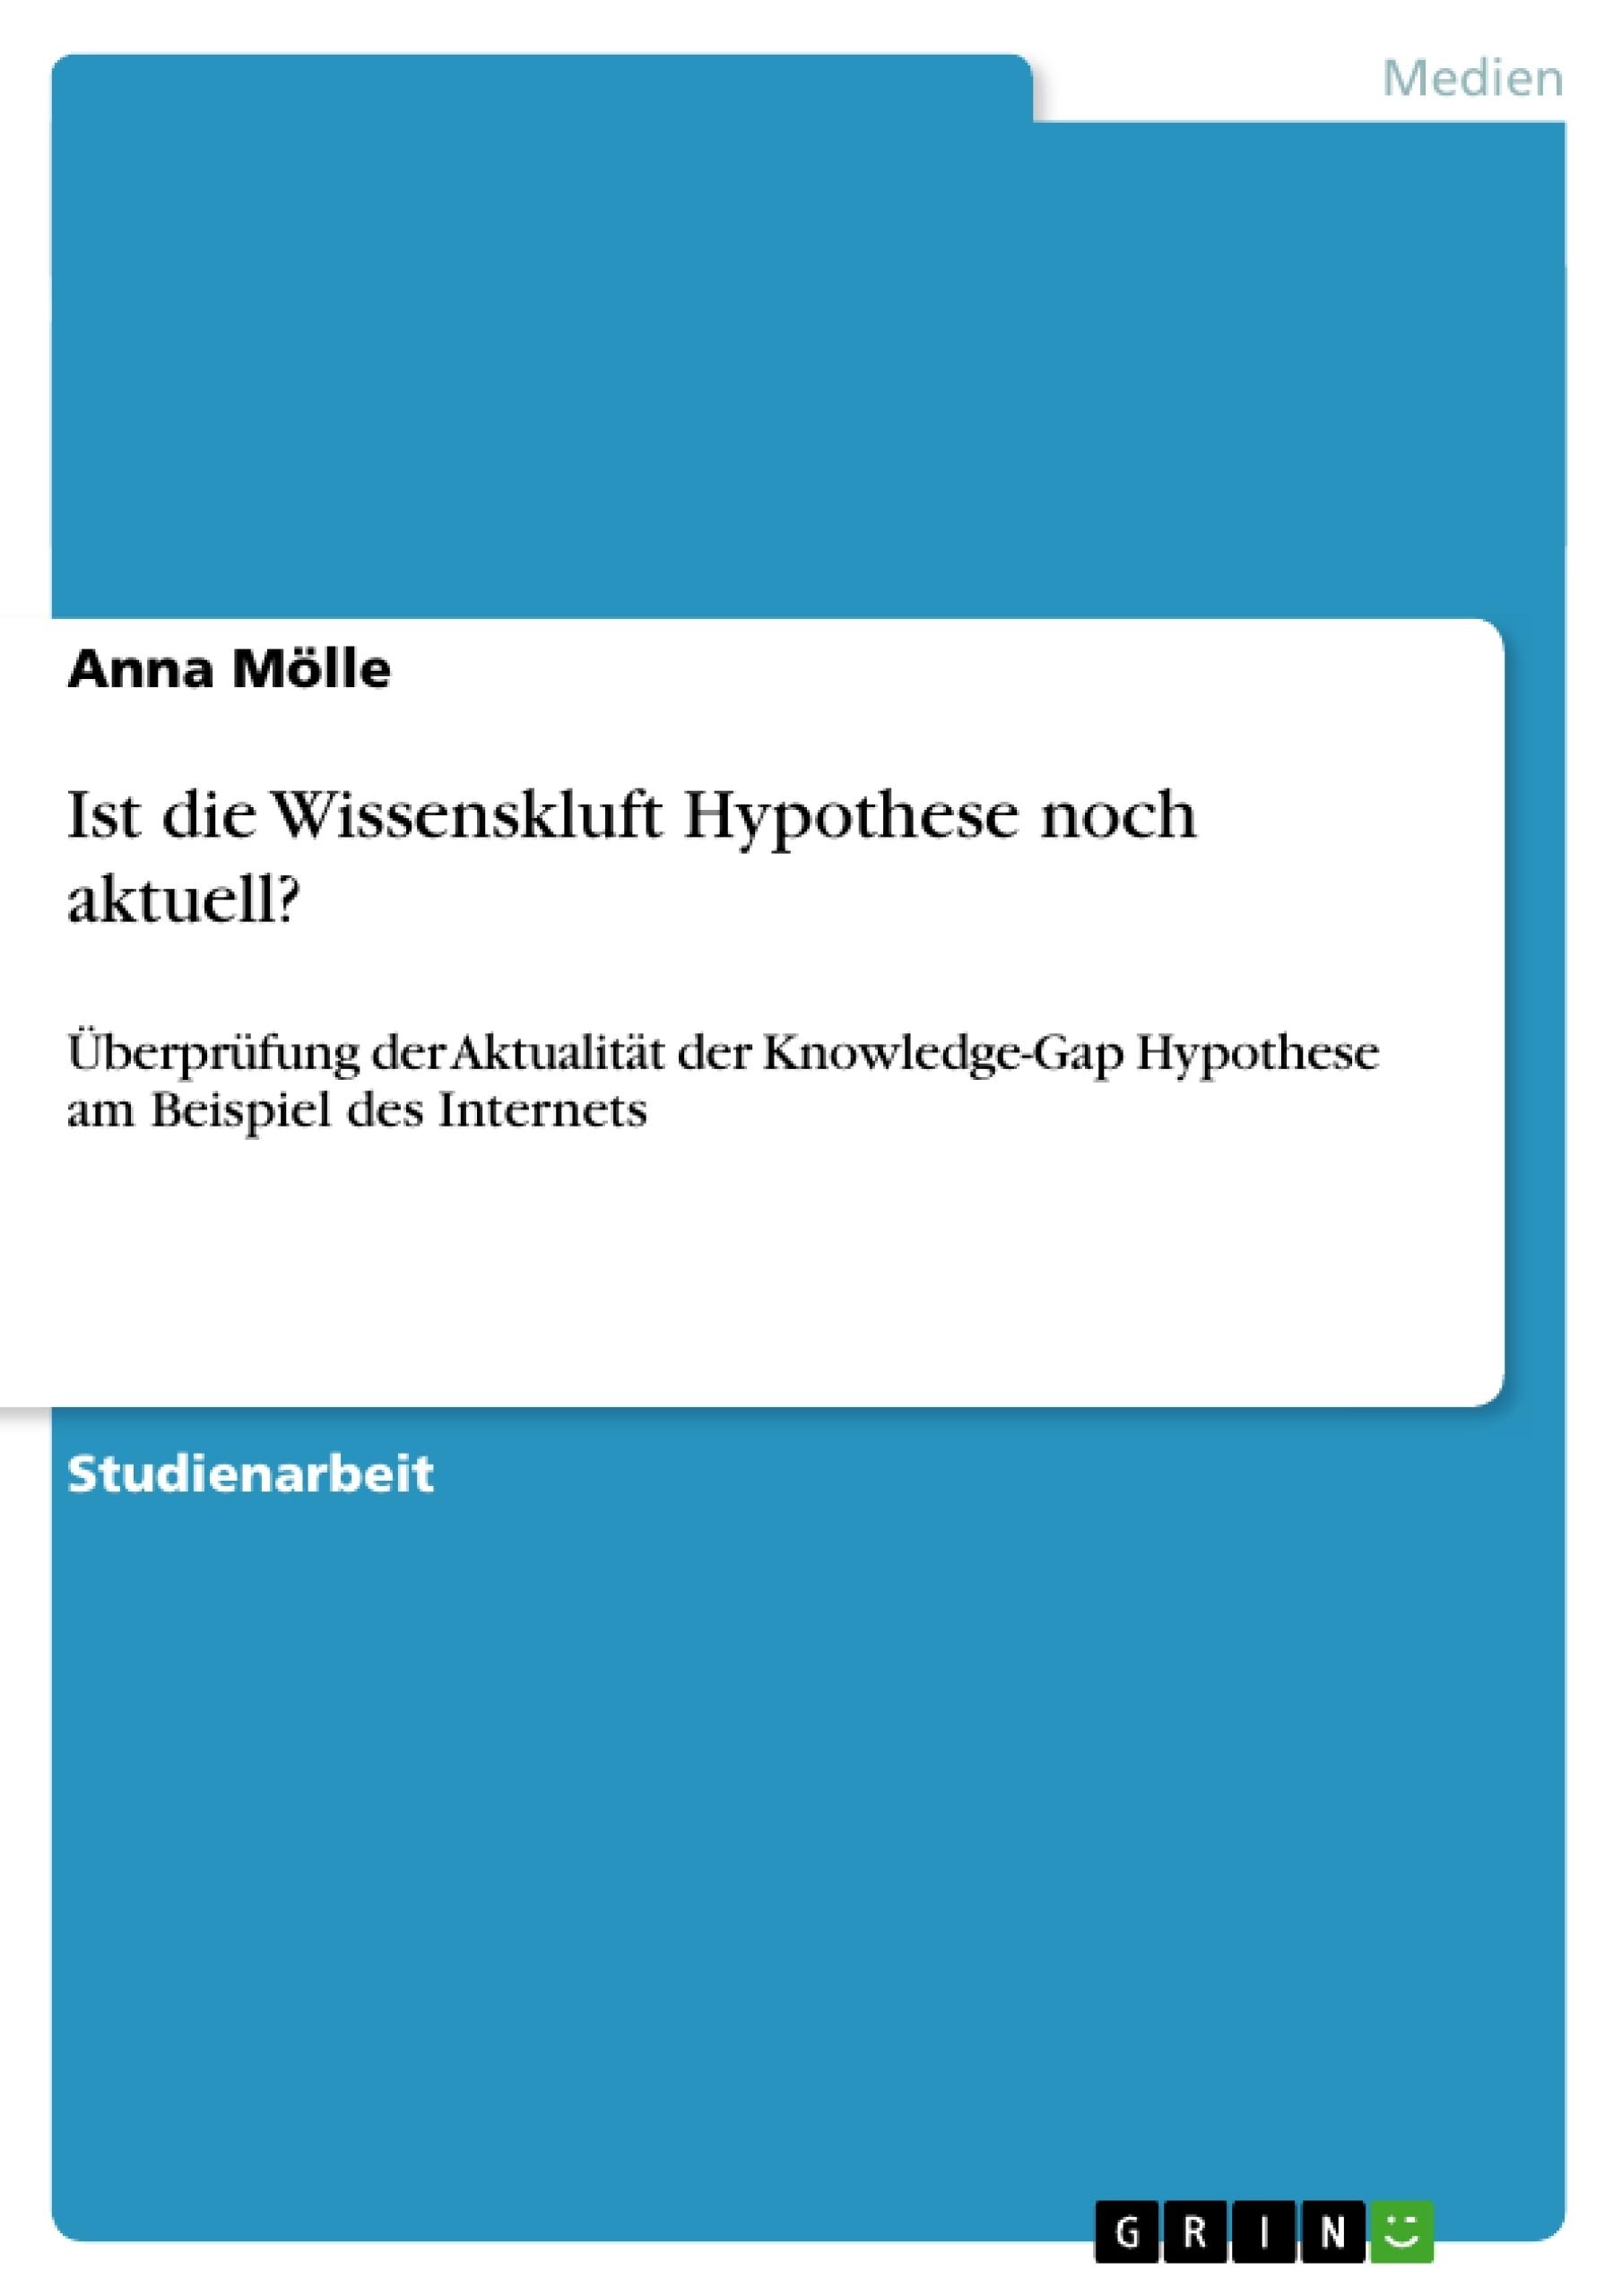 Titel: Ist die Wissenskluft Hypothese noch aktuell?